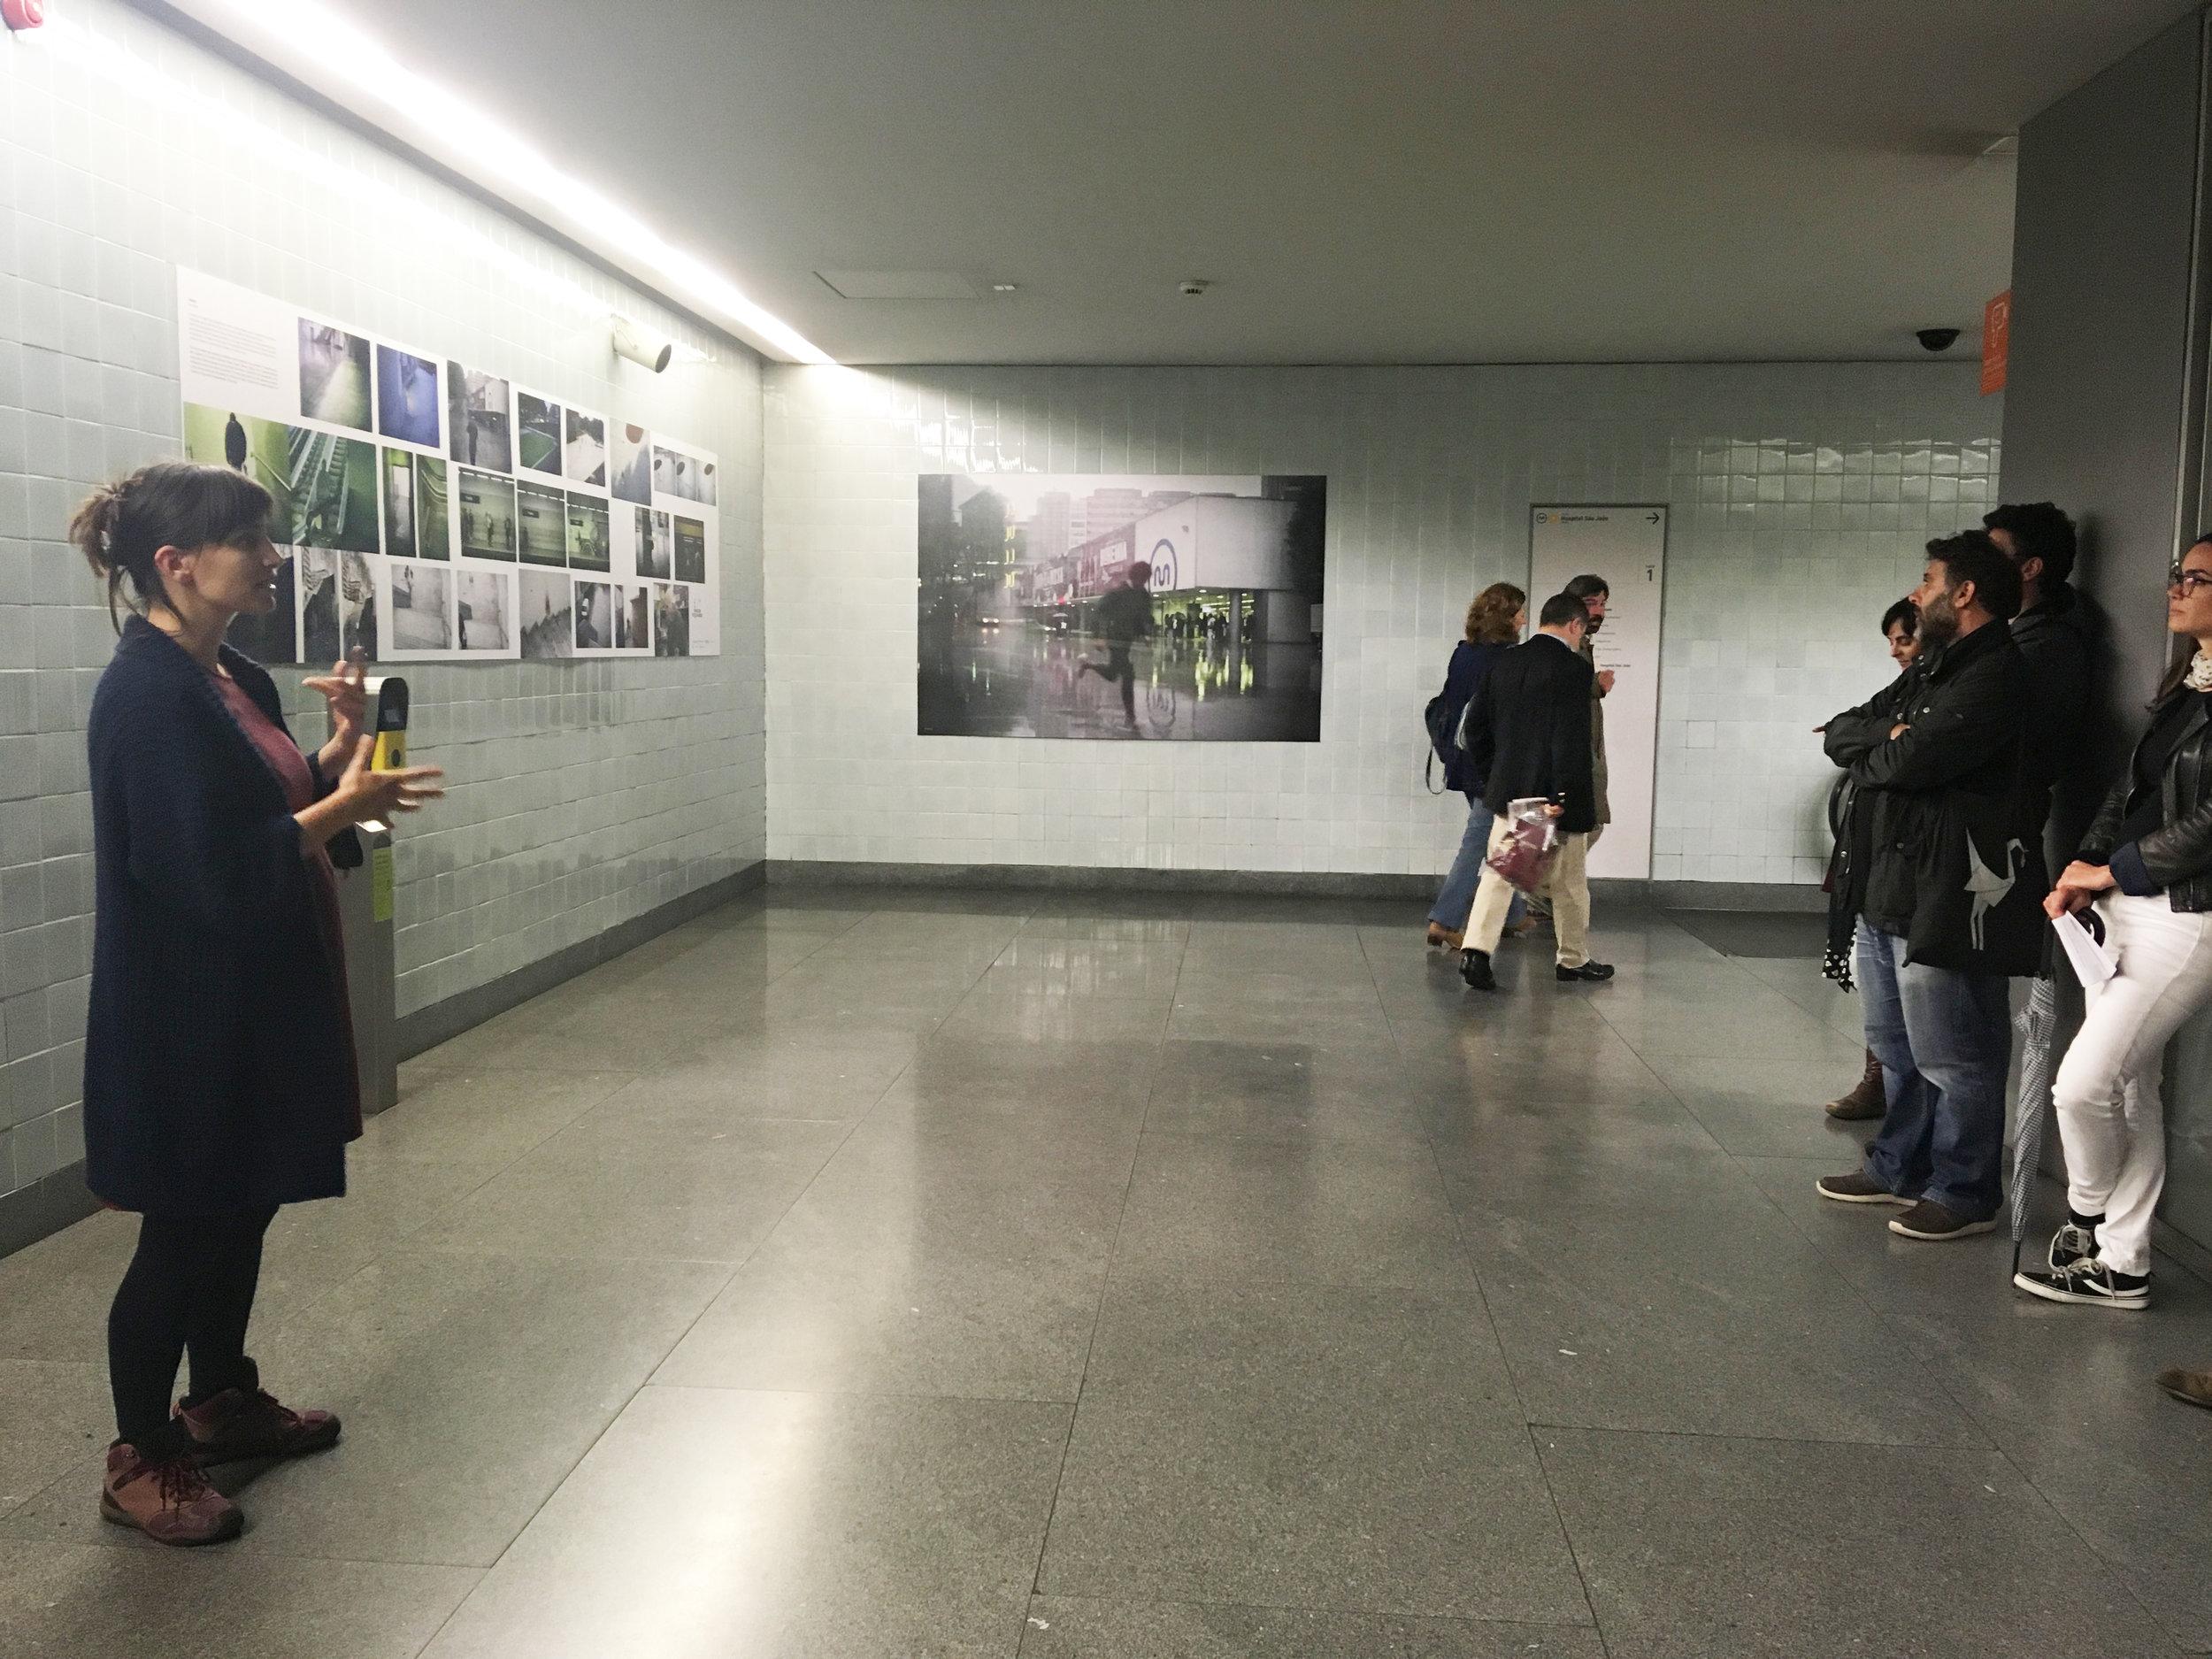 Apresentação e Visita Guiada com Curador e Autores: Visual Spaces of Change / Ci.CLO 2019 - Estação de Metro dos Aliados